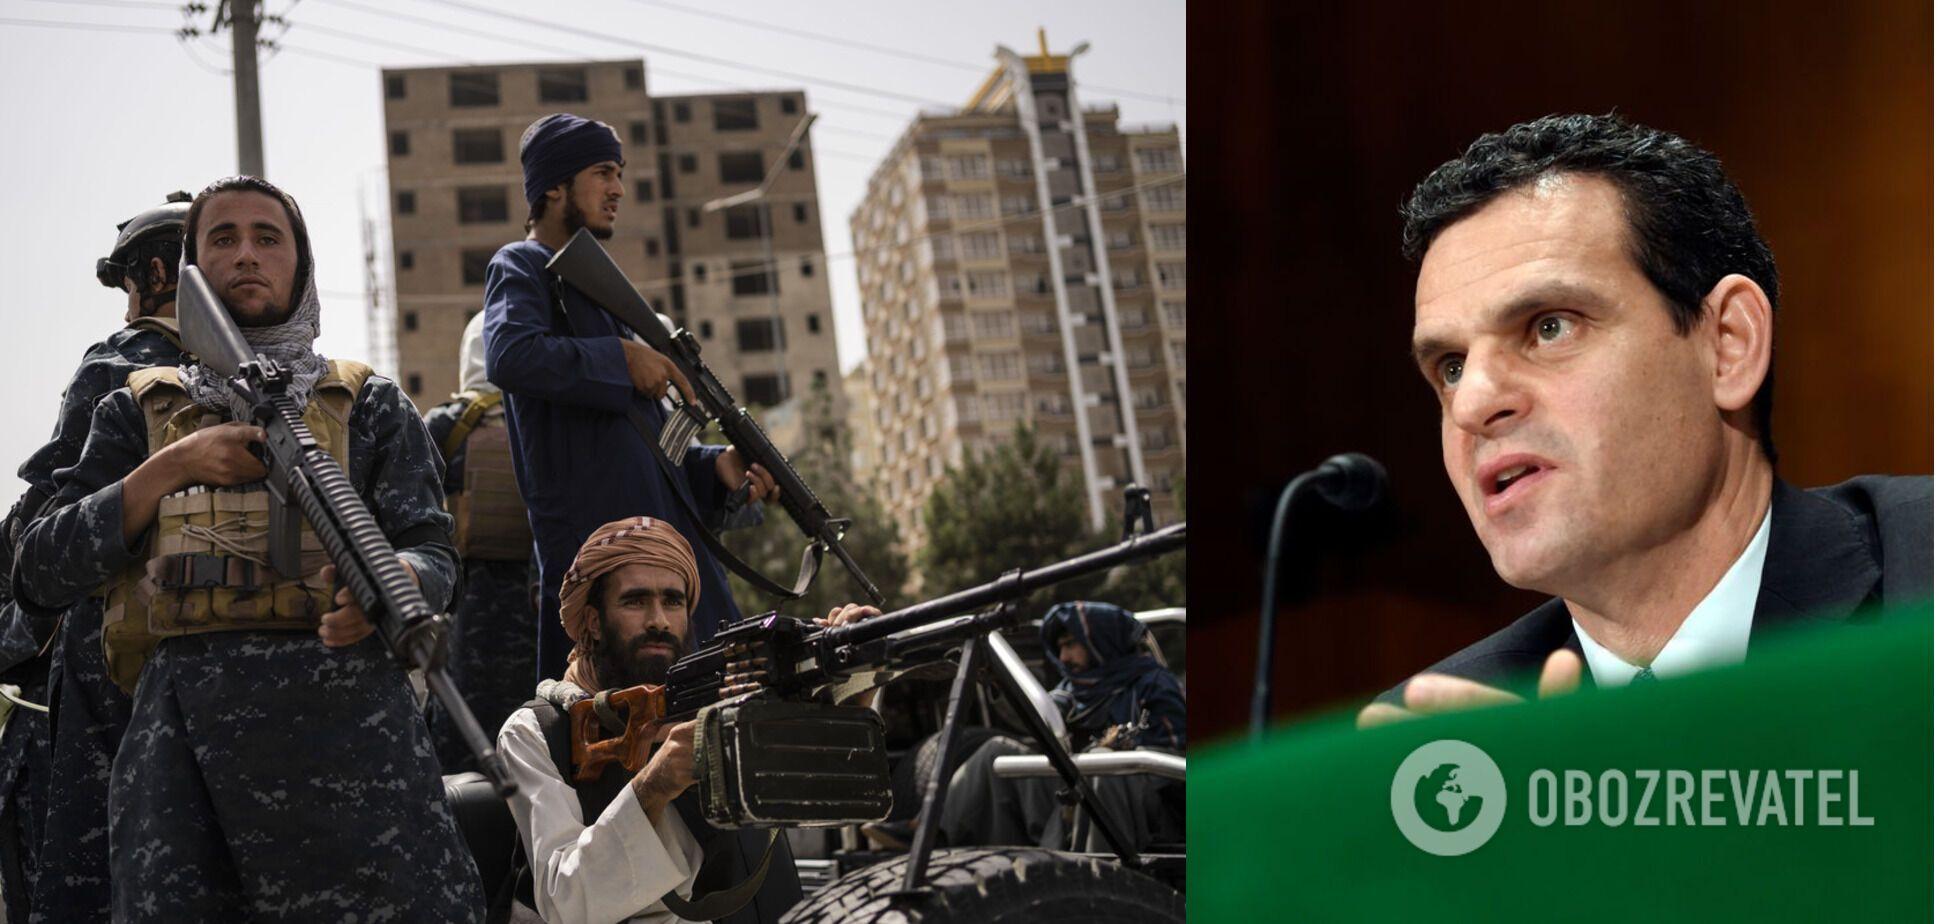 """Дэвид Коэн убежден, что """"Аль-Каида"""" может нести новую угрозу США"""